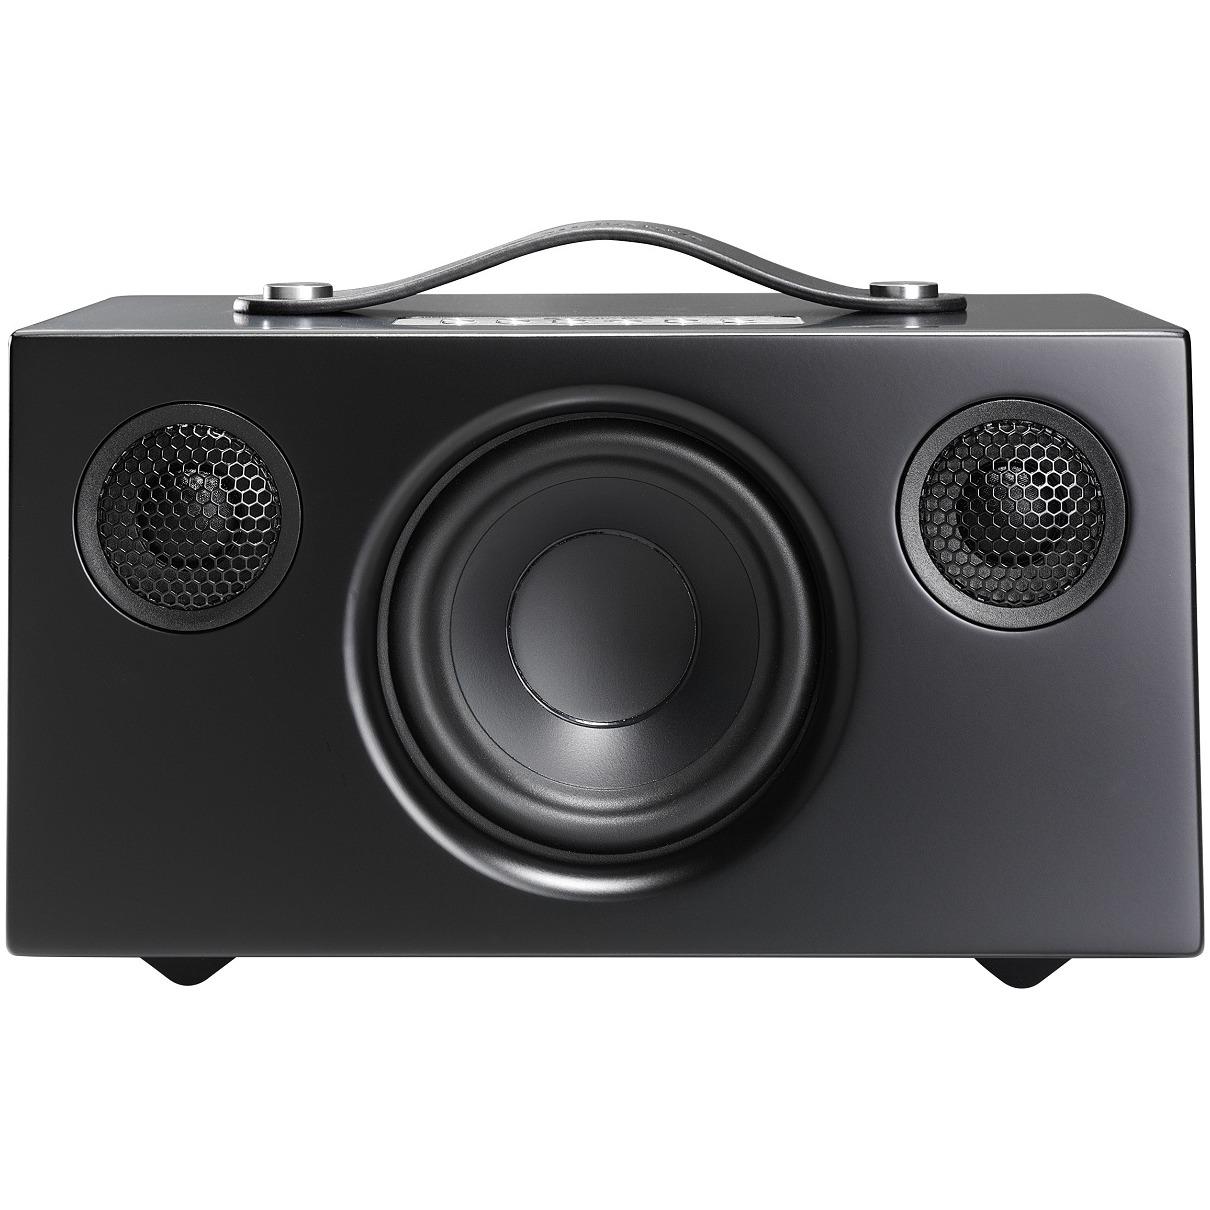 Afbeelding van Audio Pro bluetooth speaker Addon T5 zwart